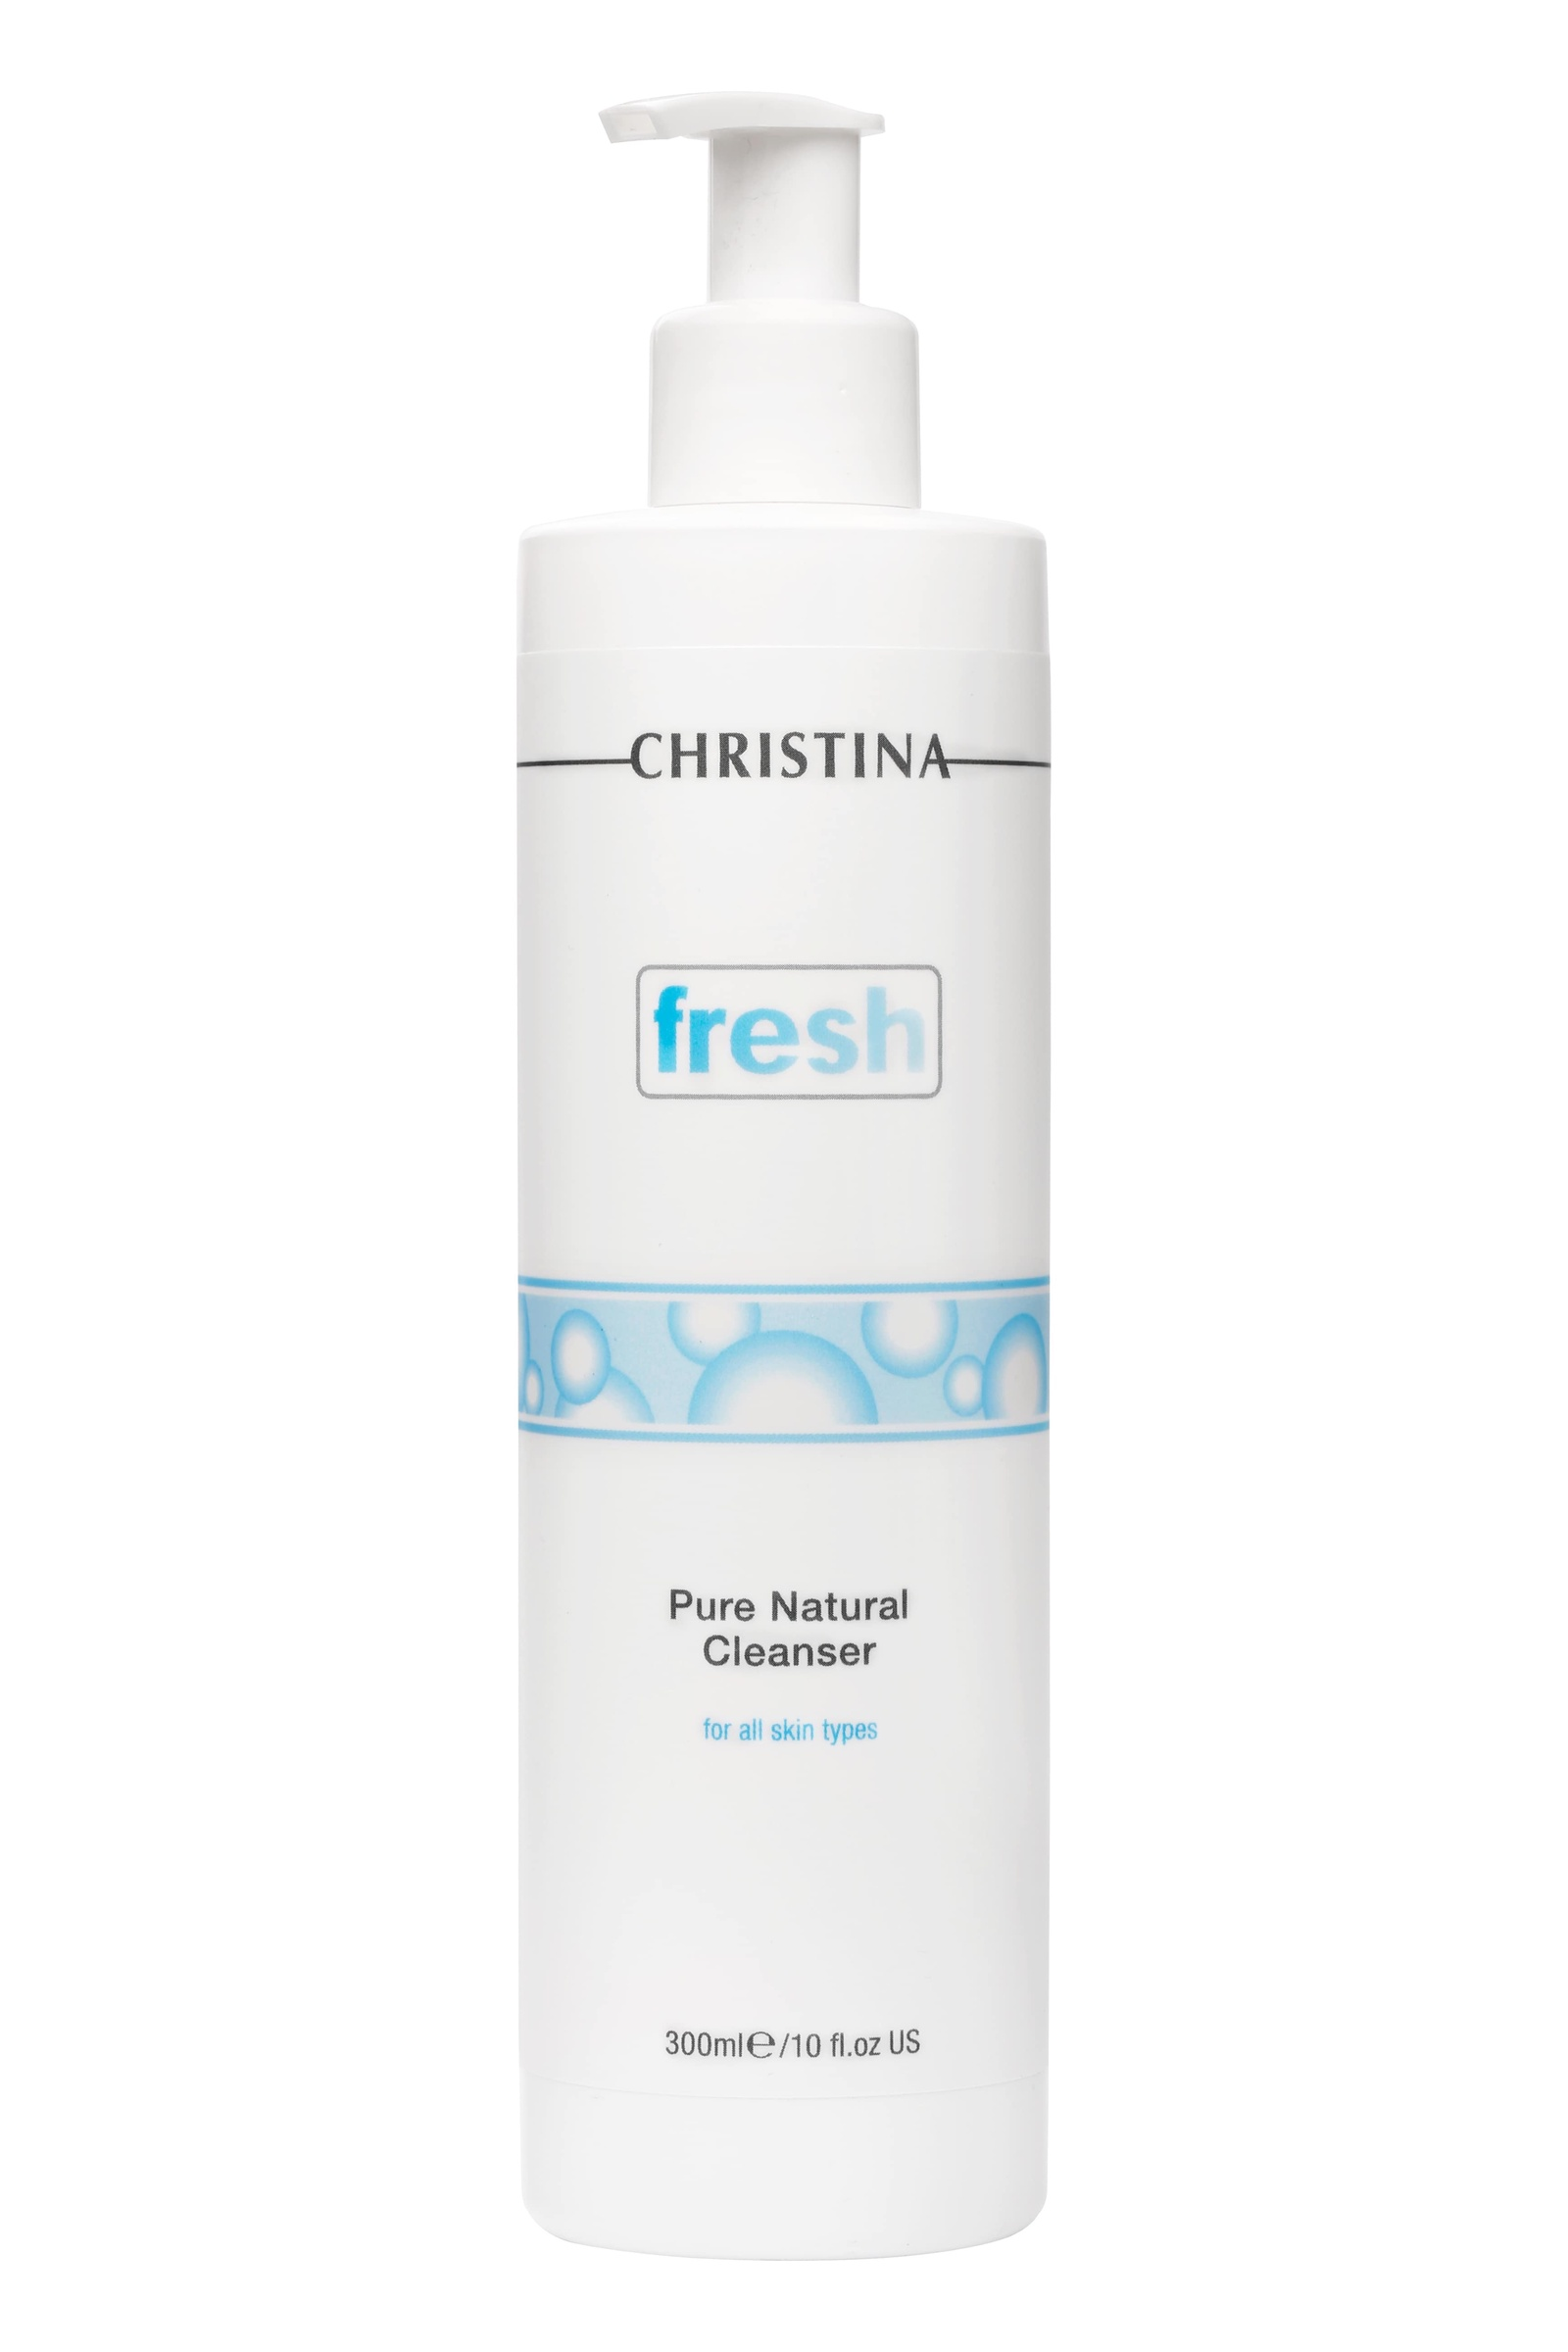 Гель для умывания CHRISTINA Натуральный очищающий гель для всех типов кожи Fresh Pure & Natural Cleanser